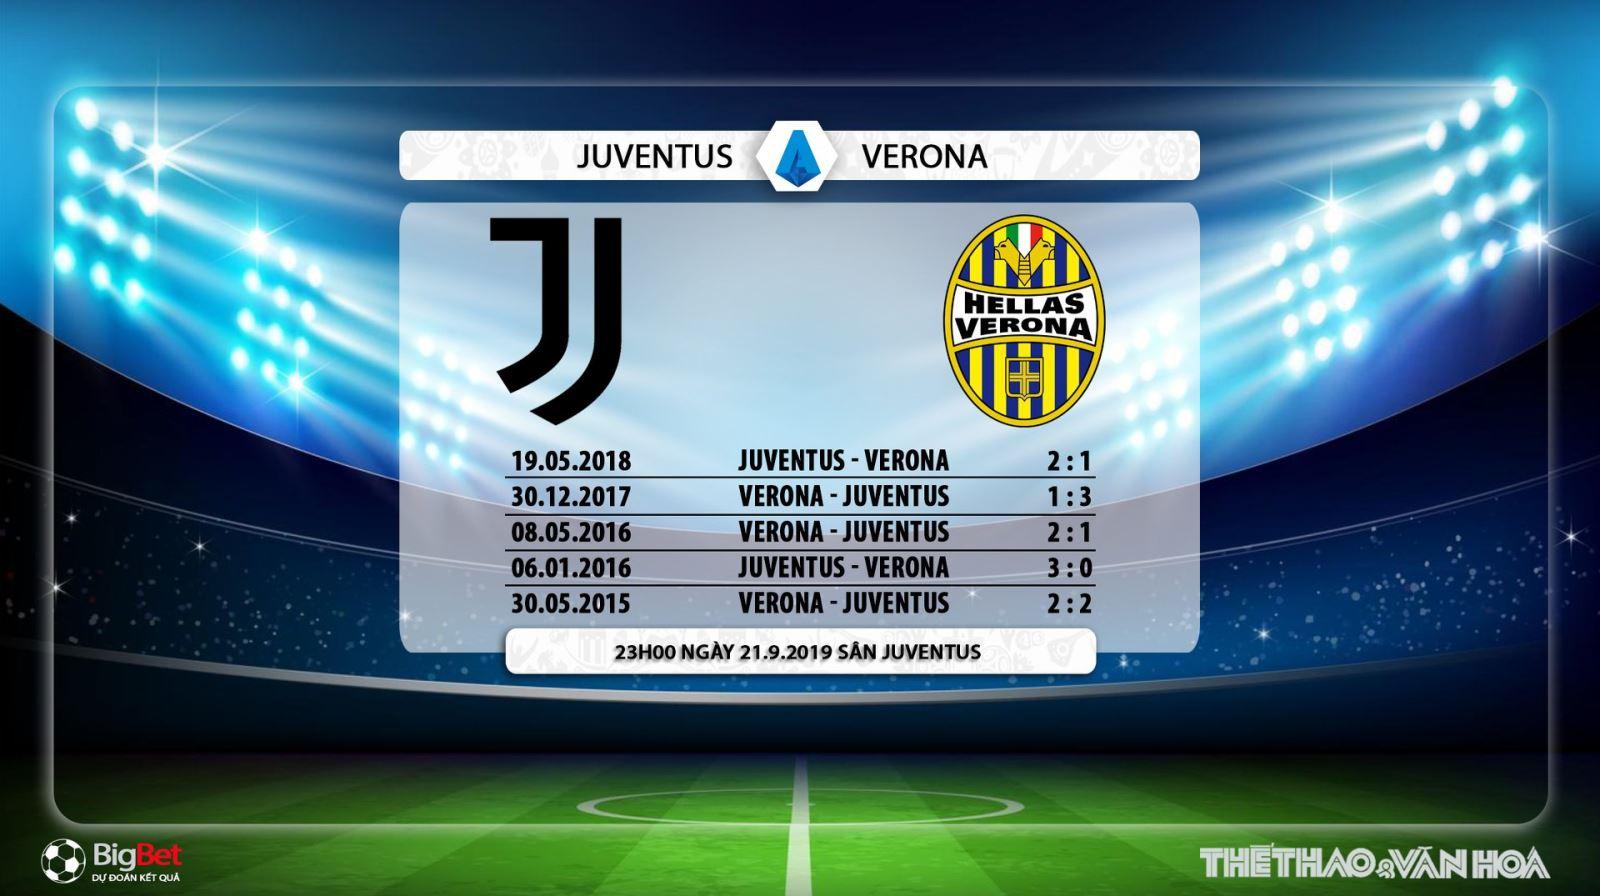 truc tiep bong da hôm nay, FPT play, Juventus đấu với Verona, trực tiếp bóng đá, Juventus vs Verona, soi keo bong da, Juventus, xem bóng đá trực tiếp, Serie A